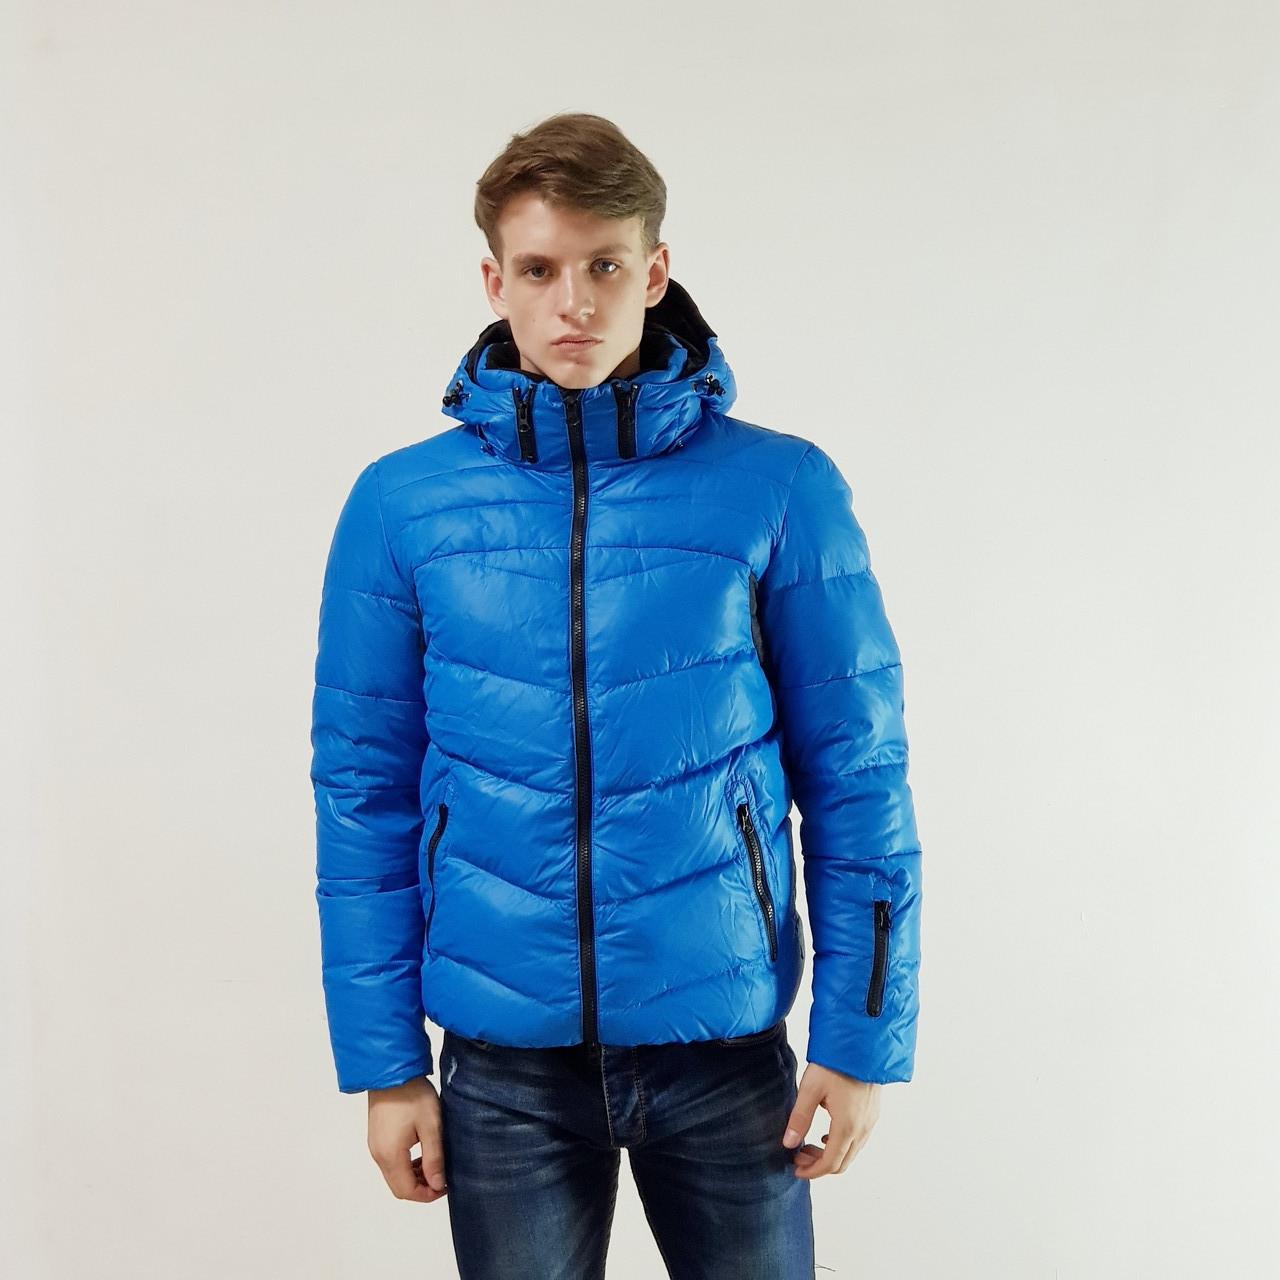 Мужская зимняя куртка пуховик Snowimage голубой на пуху с капюшоном, распродажа